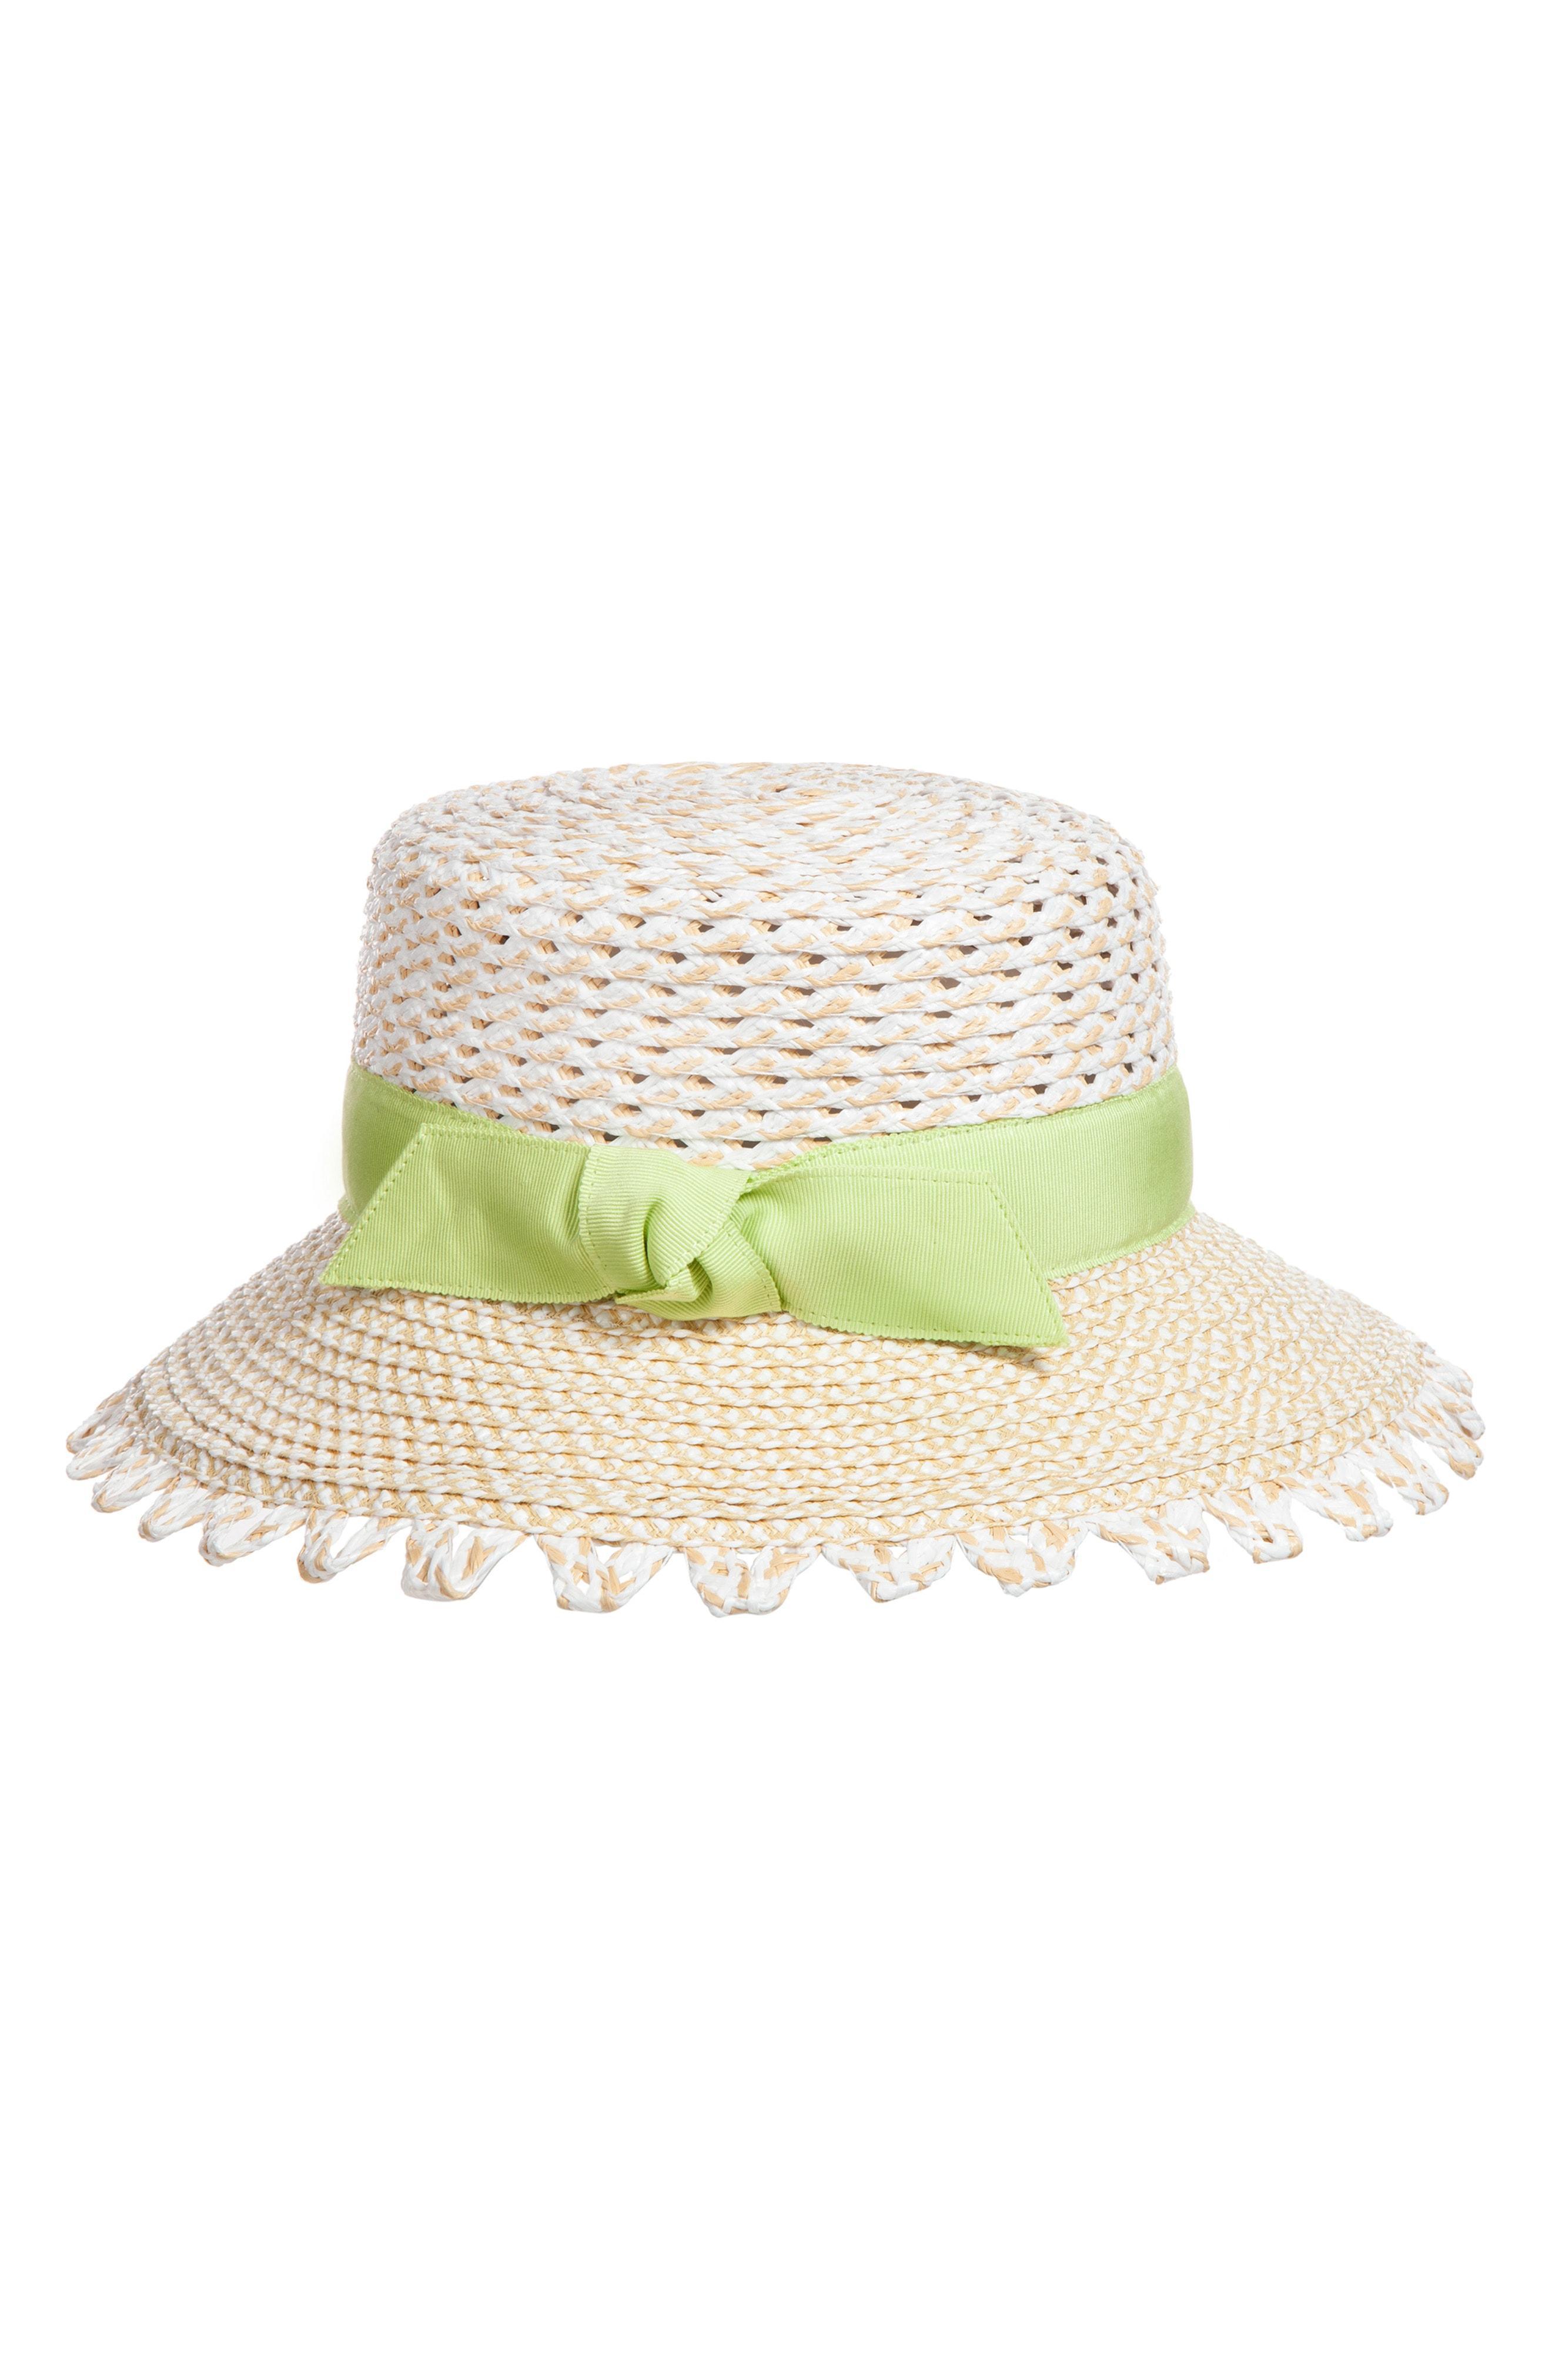 4476b34b7df71 Lyst - Eric Javits Montauk Squishee Sun Hat in White